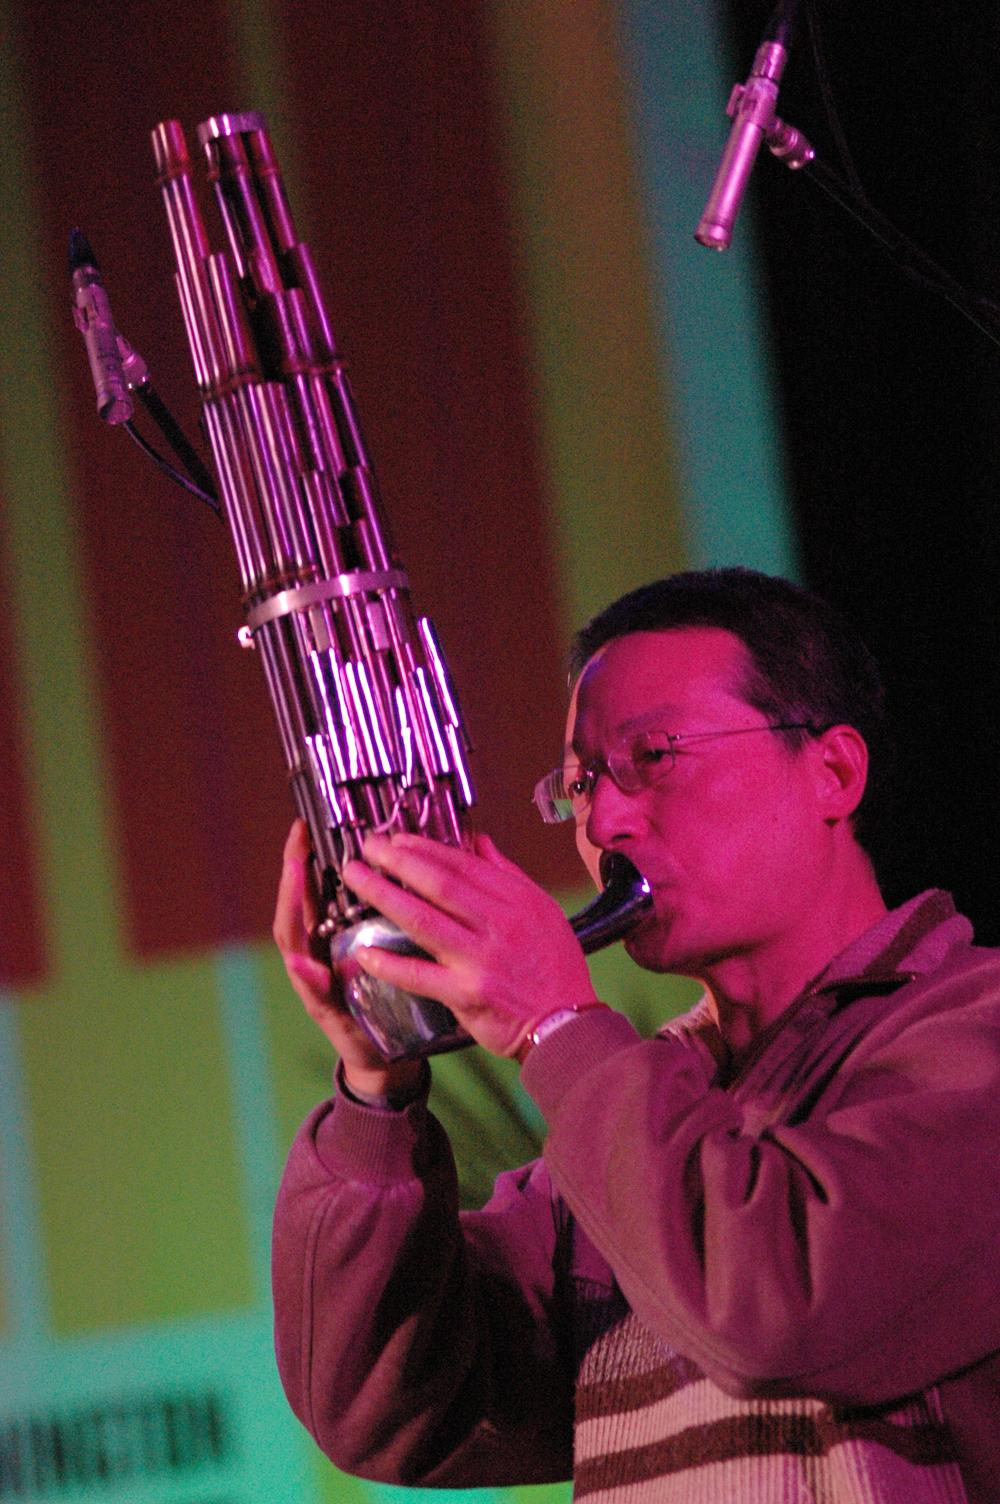 Wang Zheng Ting